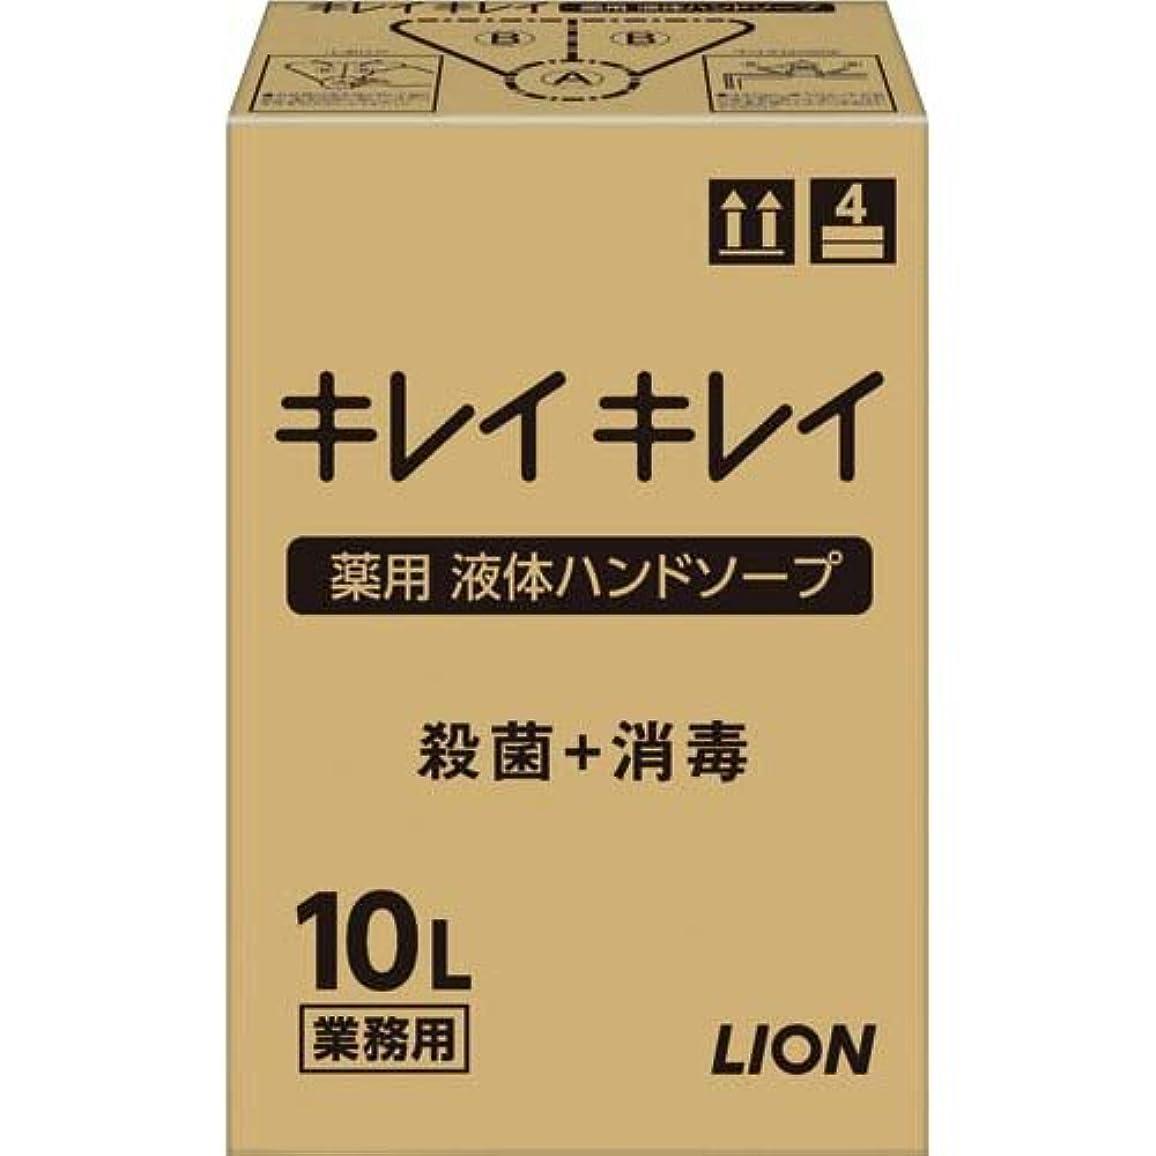 今マーティンルーサーキングジュニアファームキレイキレイ 薬用ハンドソープ 10L